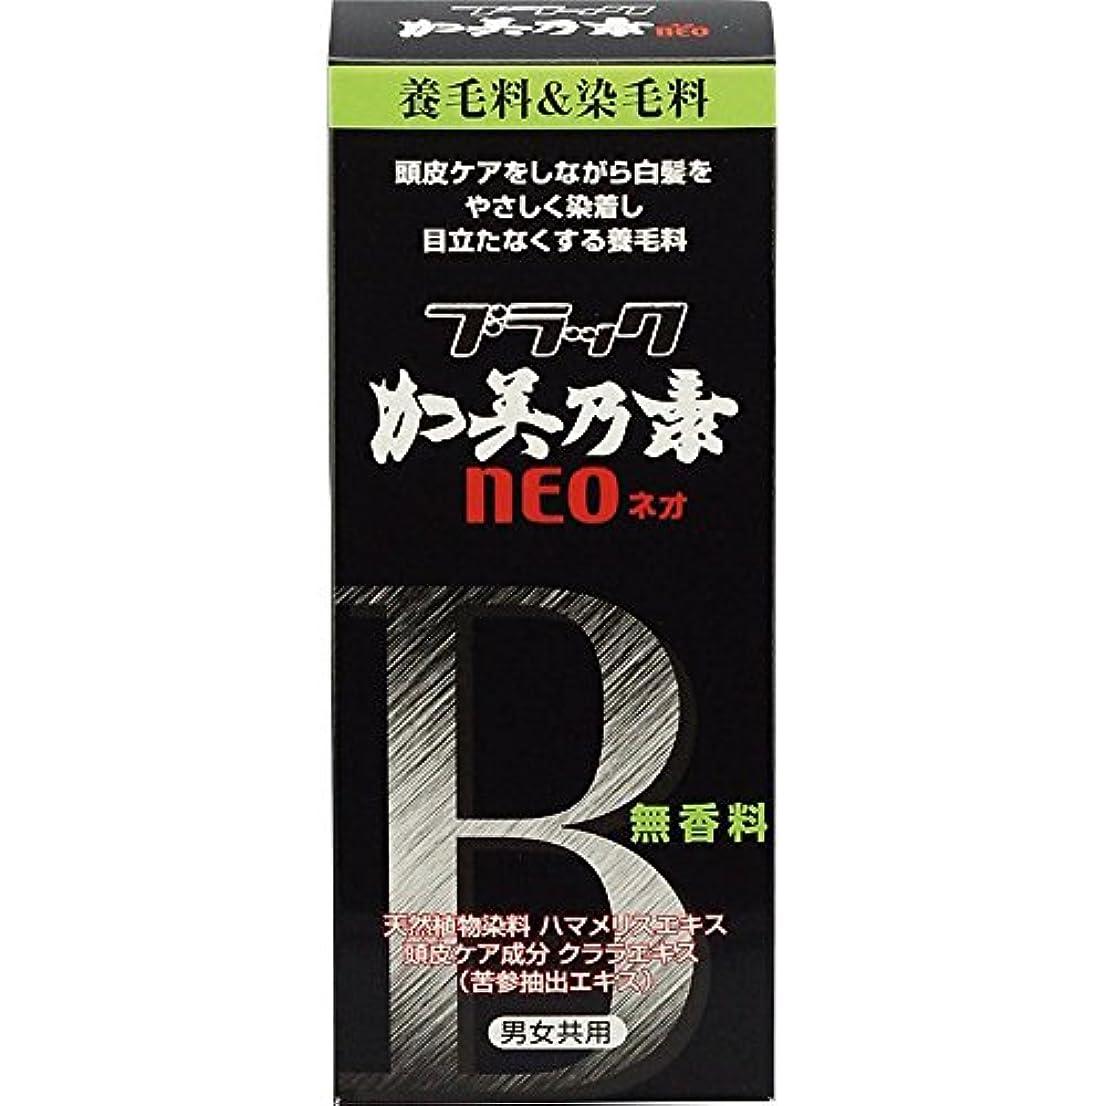 東部ブルジョン親ブラック加美乃素NEO 無香料 150mL